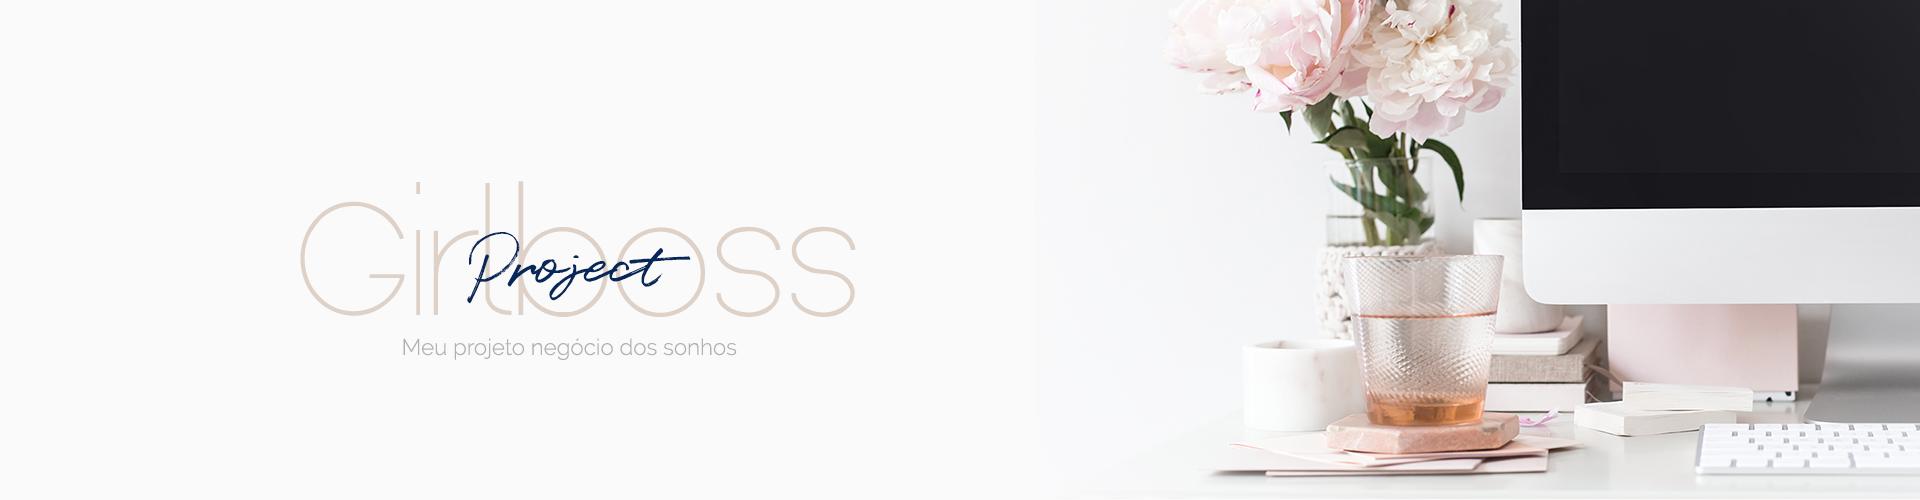 GirlBoss Project